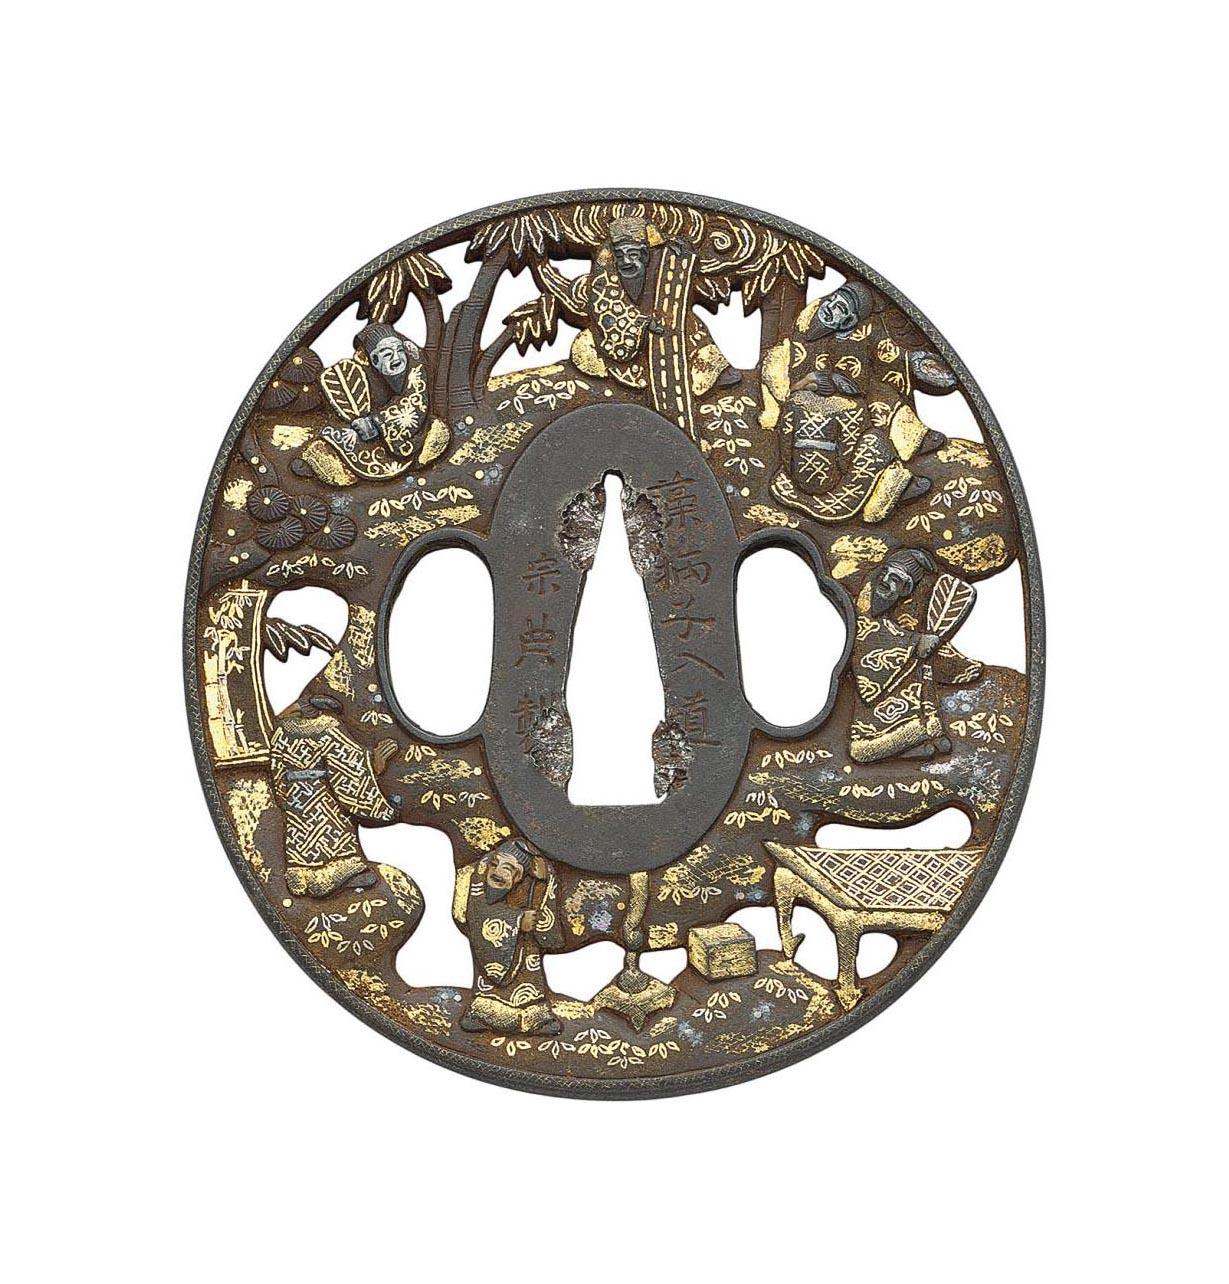 A Large Round Iron Tsuba